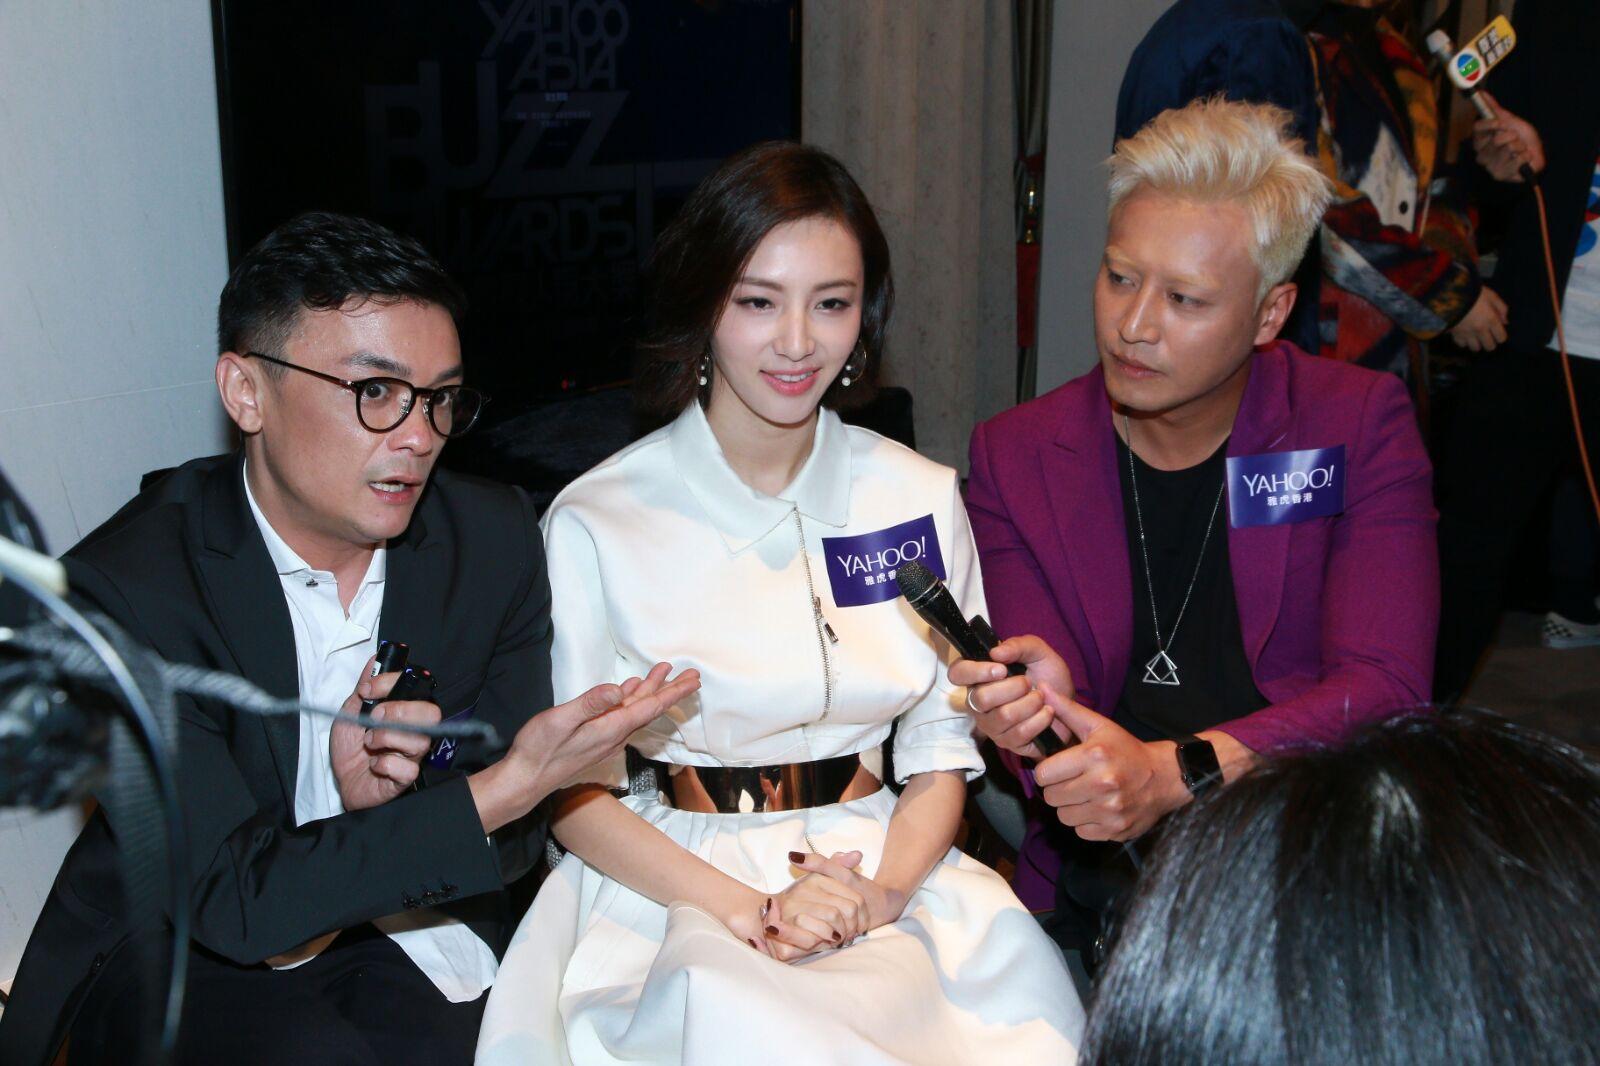 張建聲(右)和陳雅婷(中)主演的網劇《反黑》獲獎。